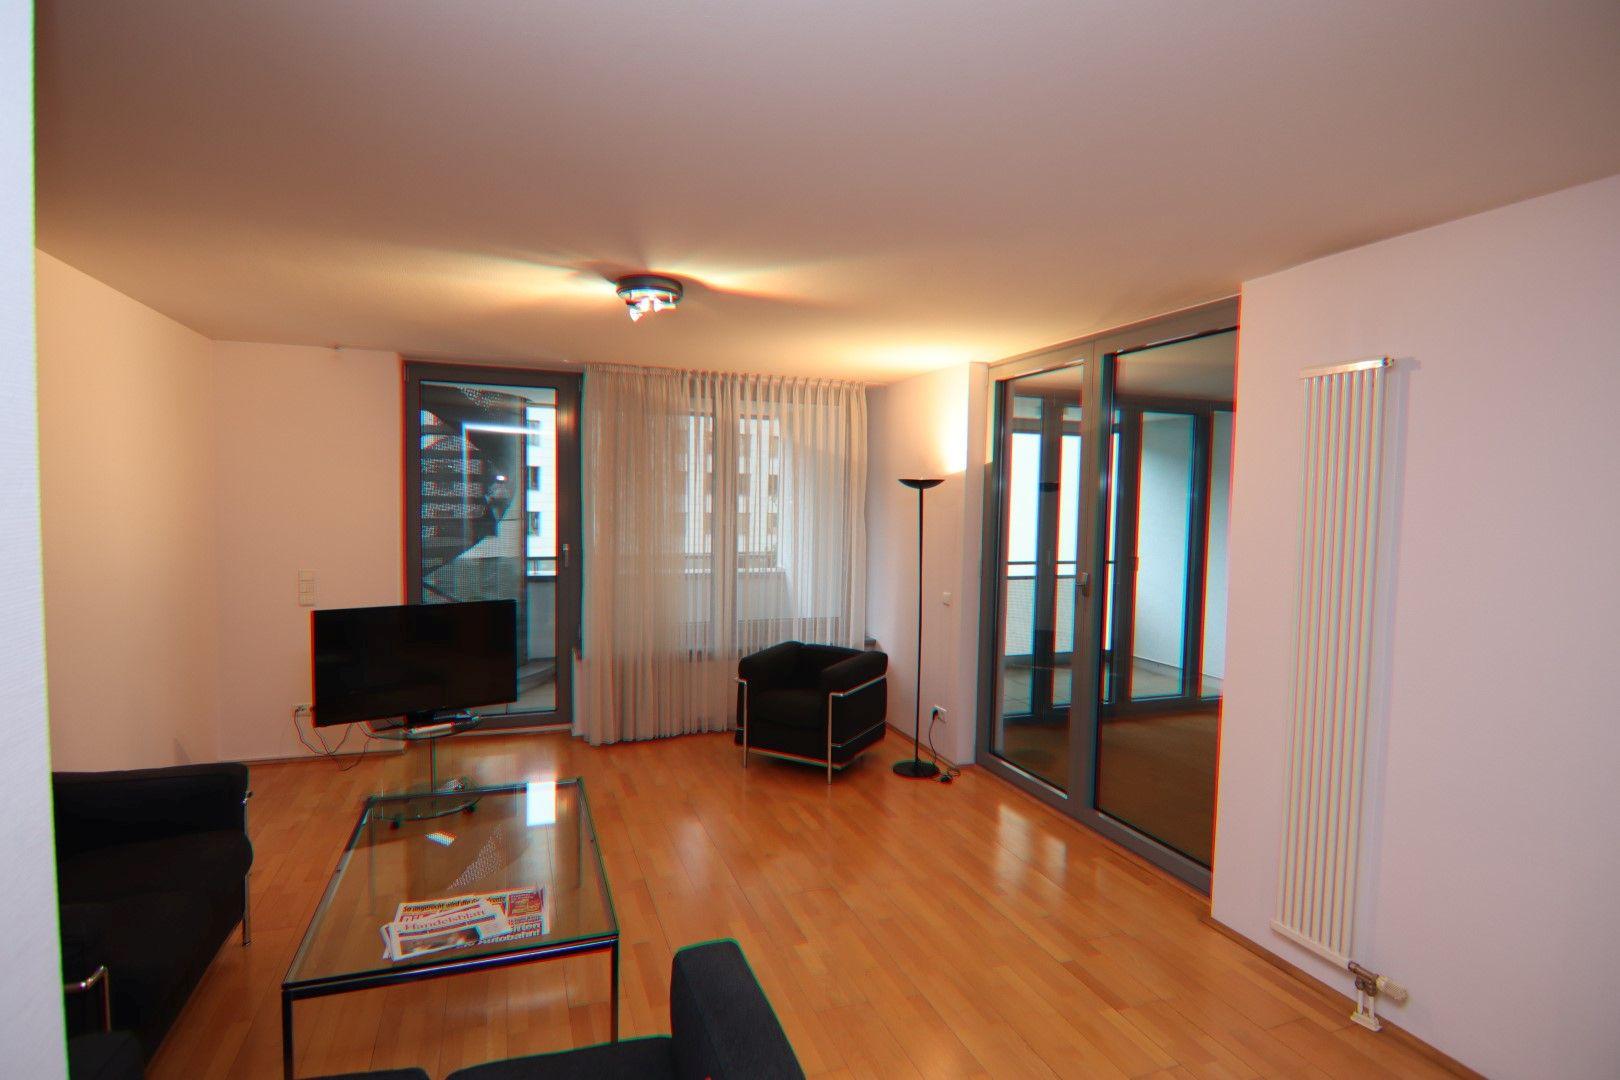 Immobilie Nr.0280 - 2-RAUM-WOHNUNG mit Wintergarten, Stellplatz und Einbauküche  - Bild 2.jpg